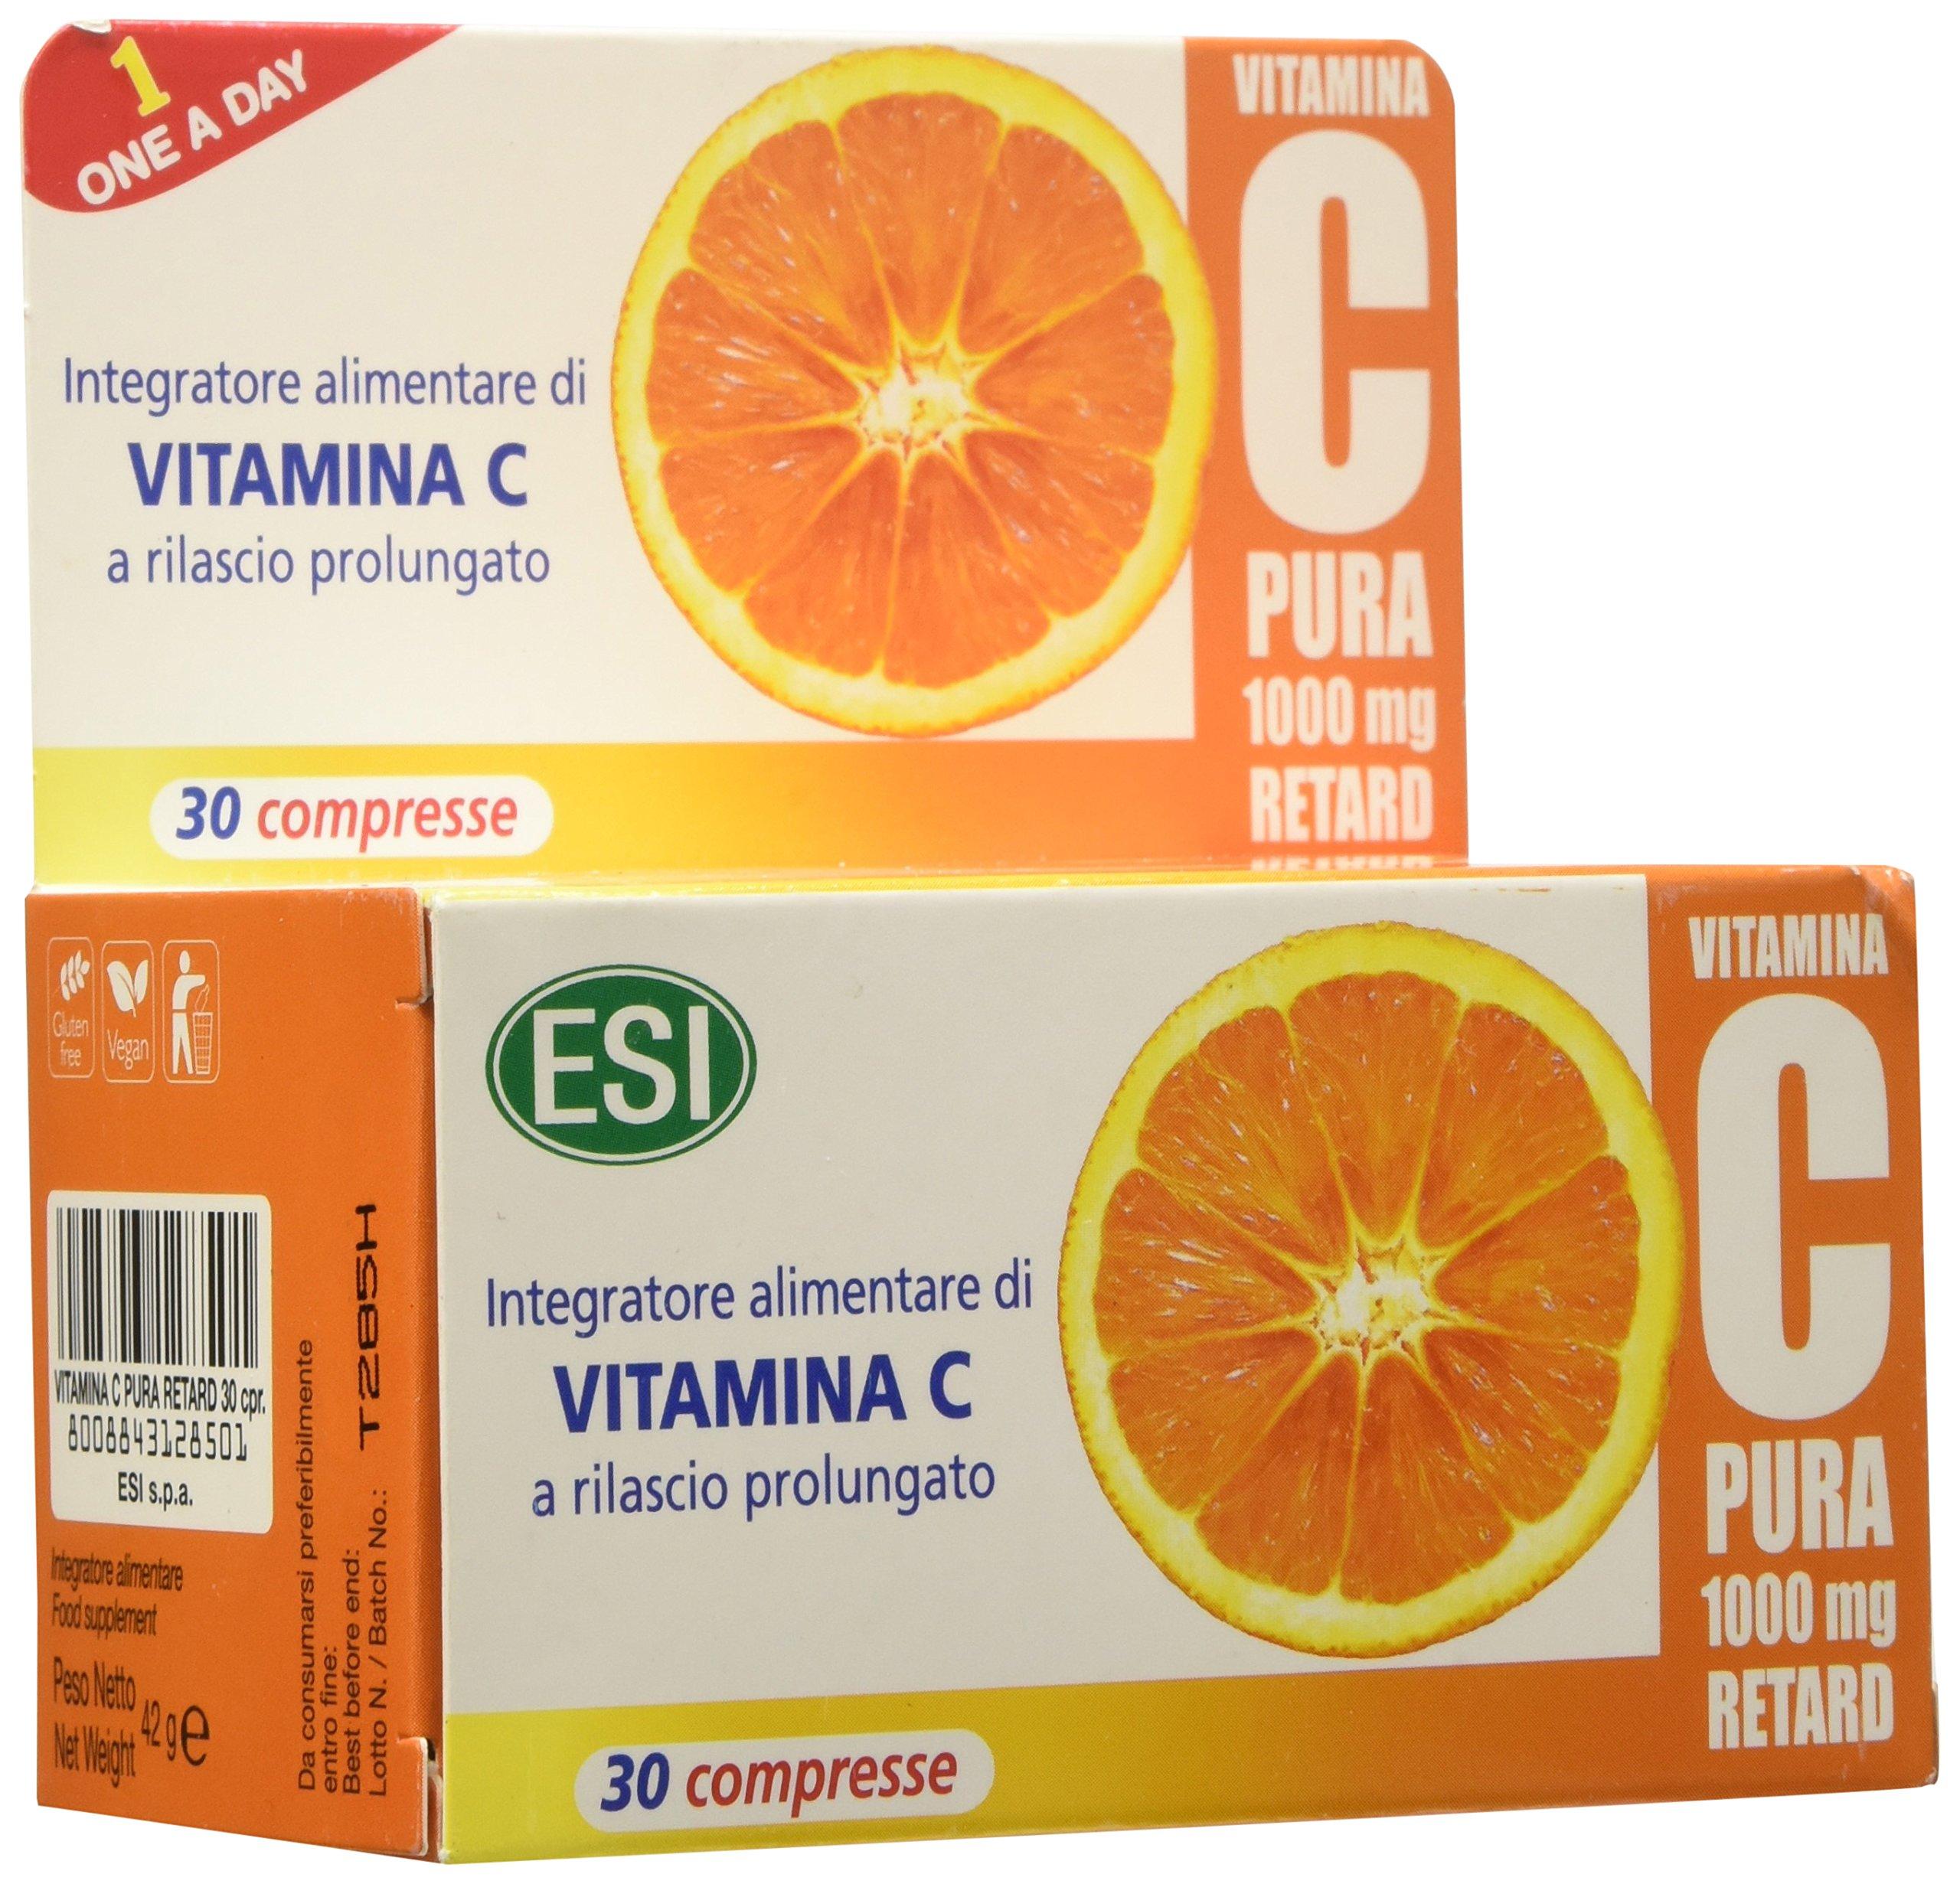 Vitamina C Pura 1000 mg Retard - 30 Compresse 1 spesavip